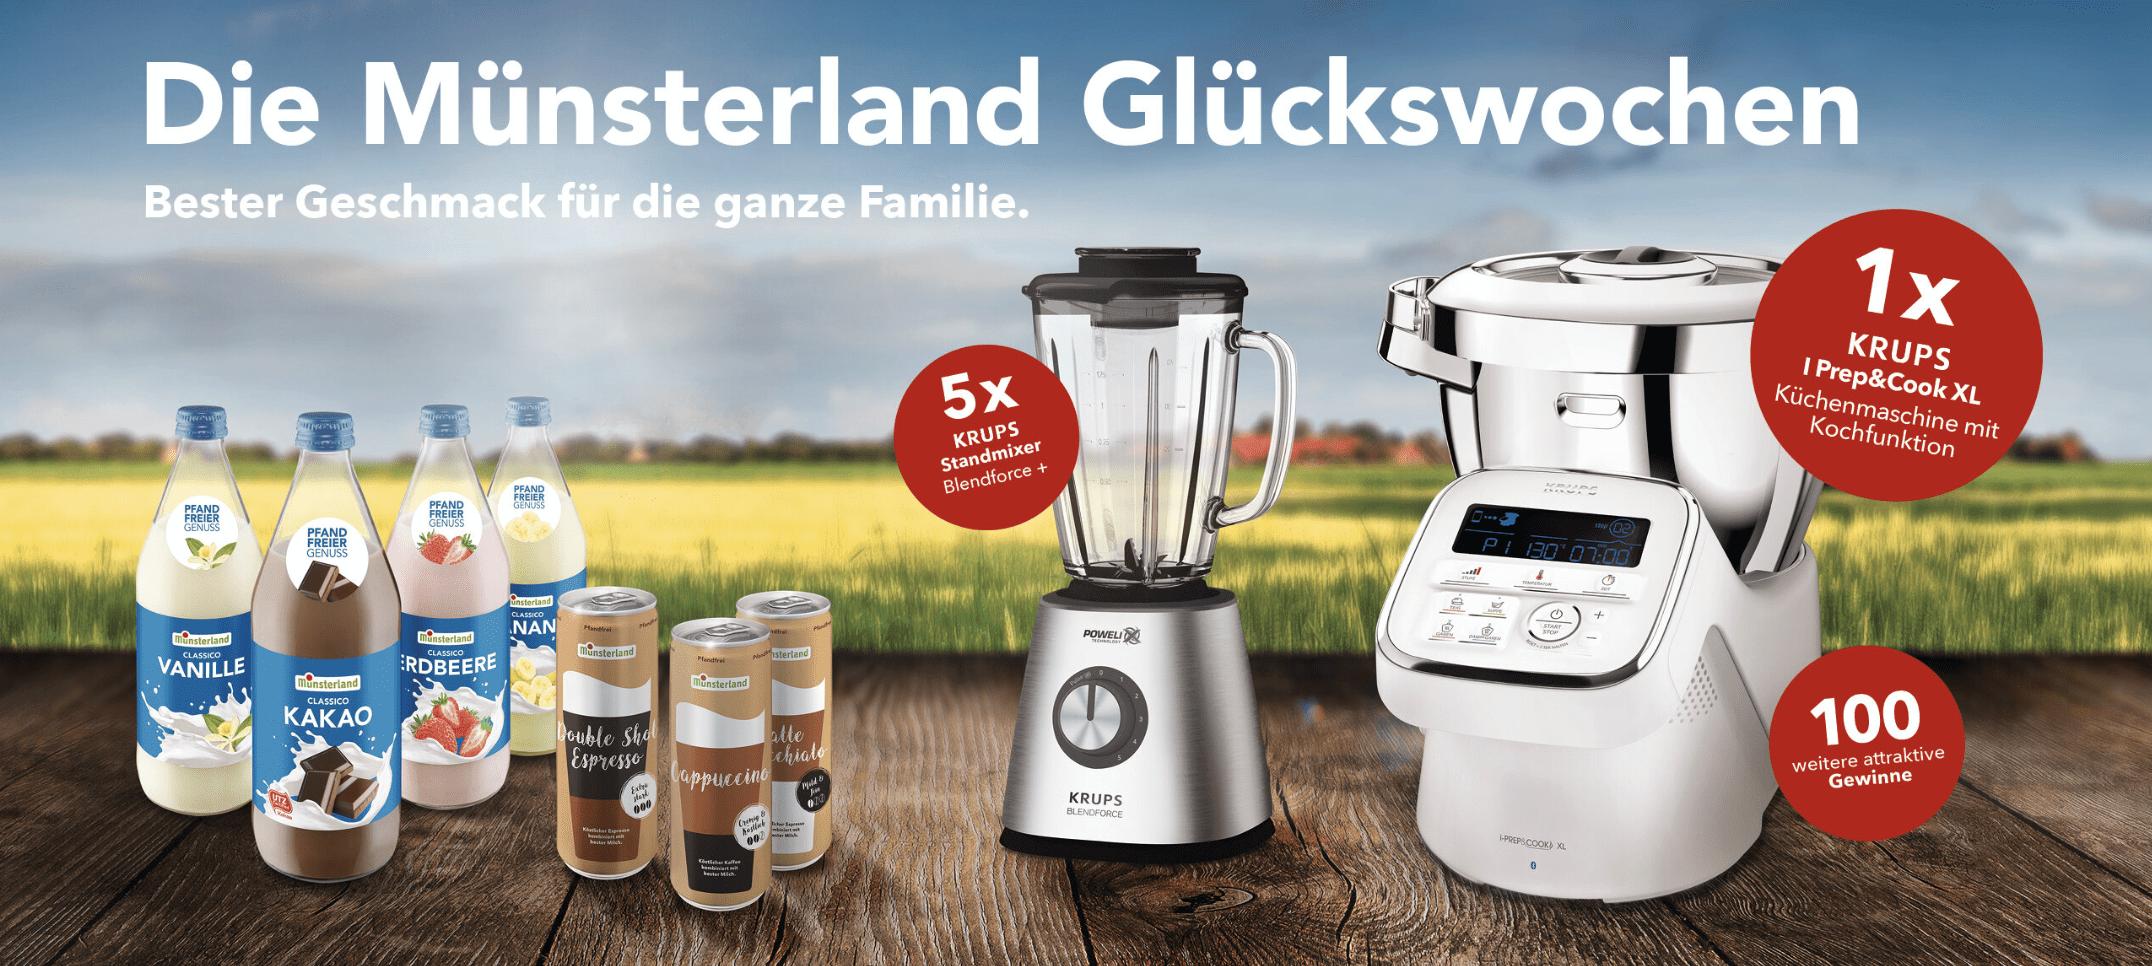 Gewinnspiel-Cases FMCG Food Münsterländer